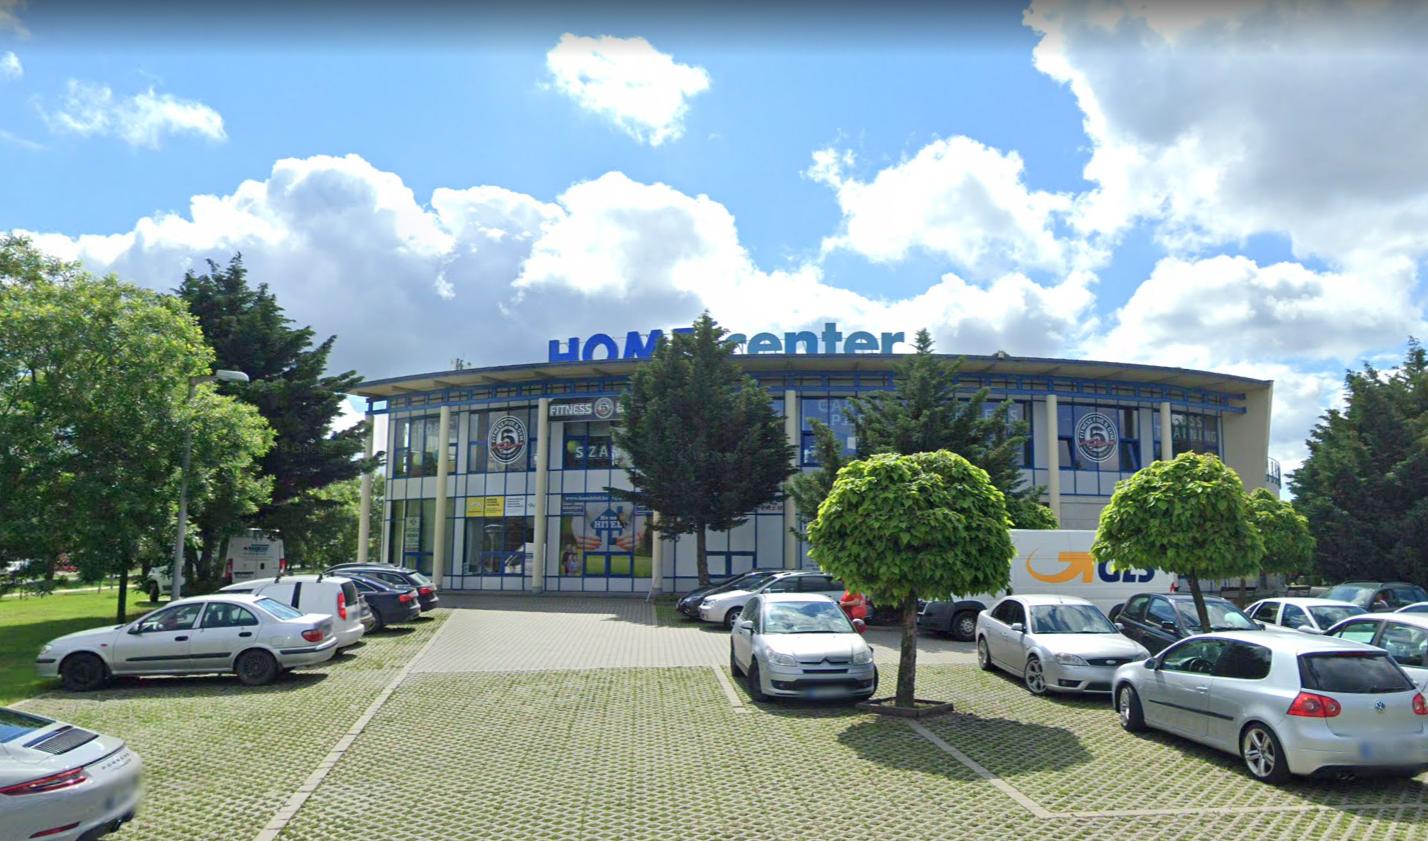 üzletközpont a